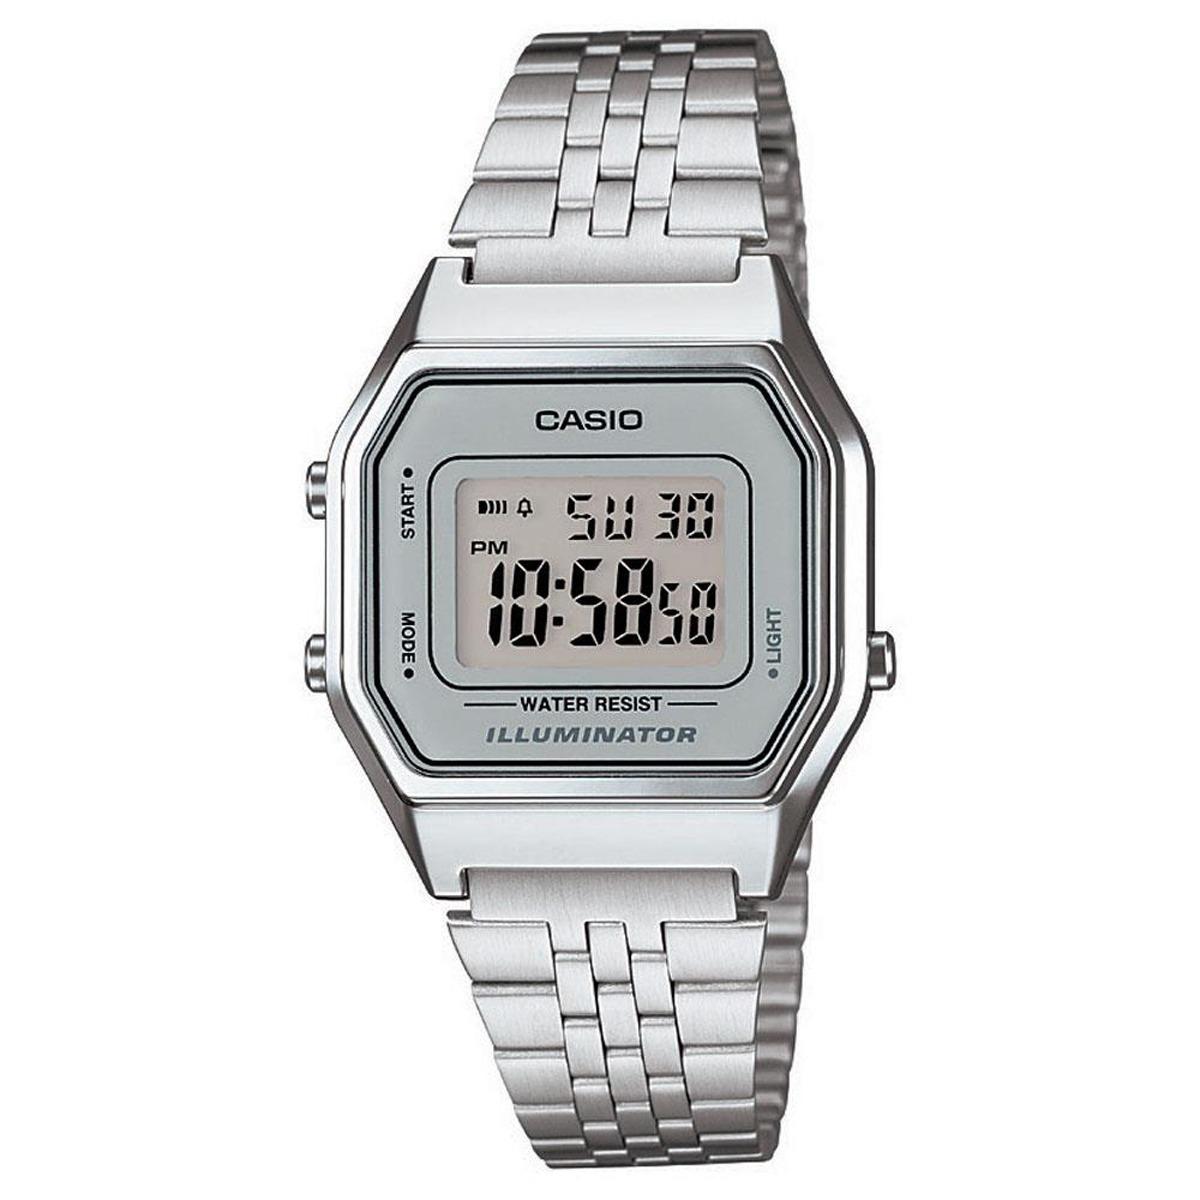 df170a2ad52 Relógio Casio - Illuminator - La680wa-7df - R  199